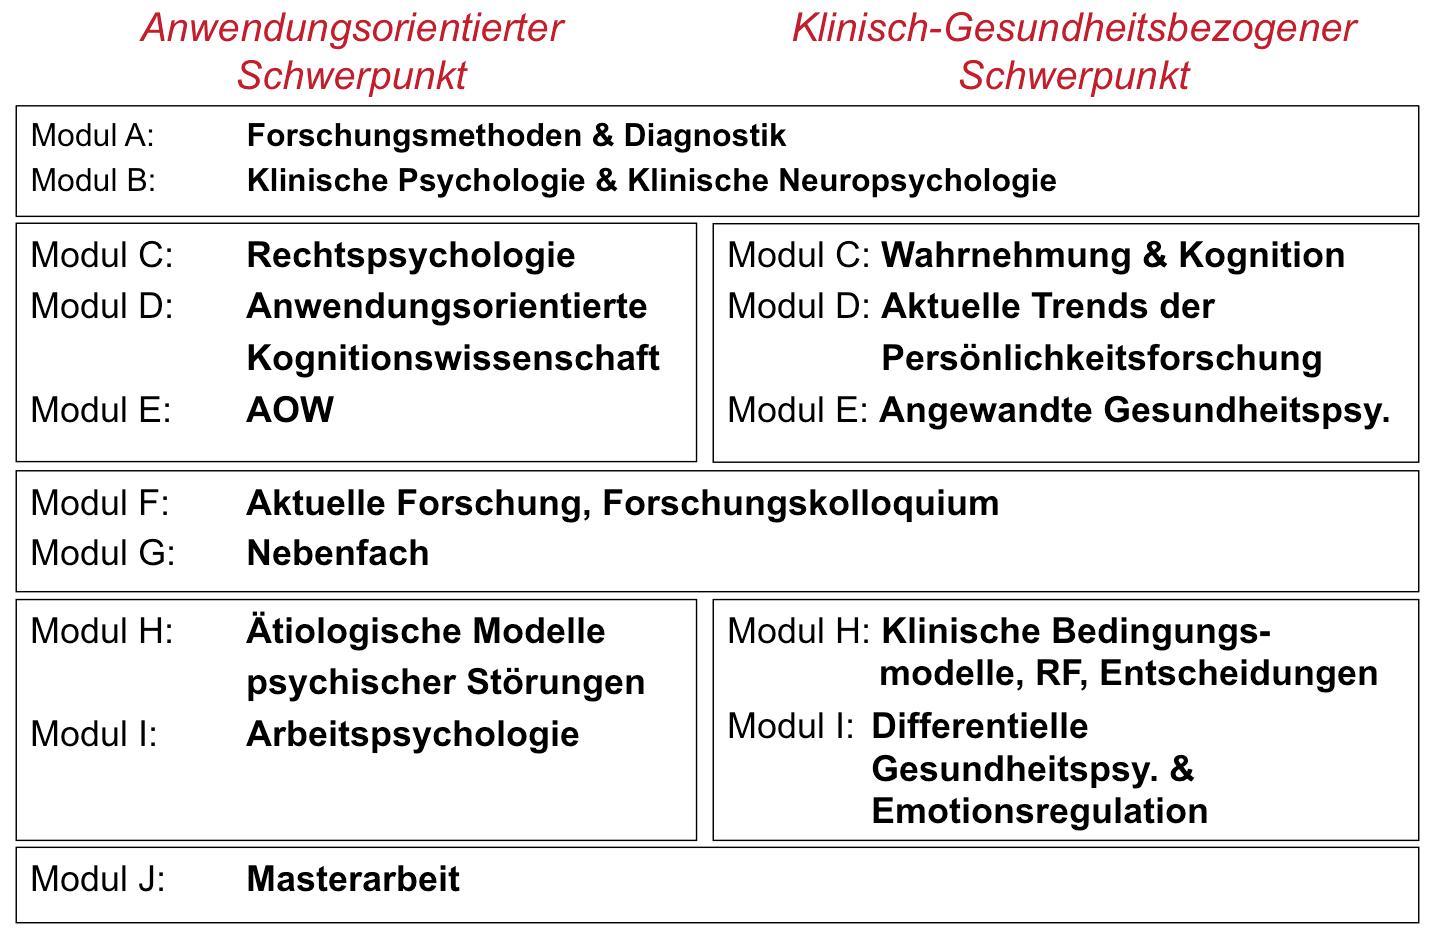 beide schwerpunkte sind modular aufgebaut - Uni Mainz Bewerbung